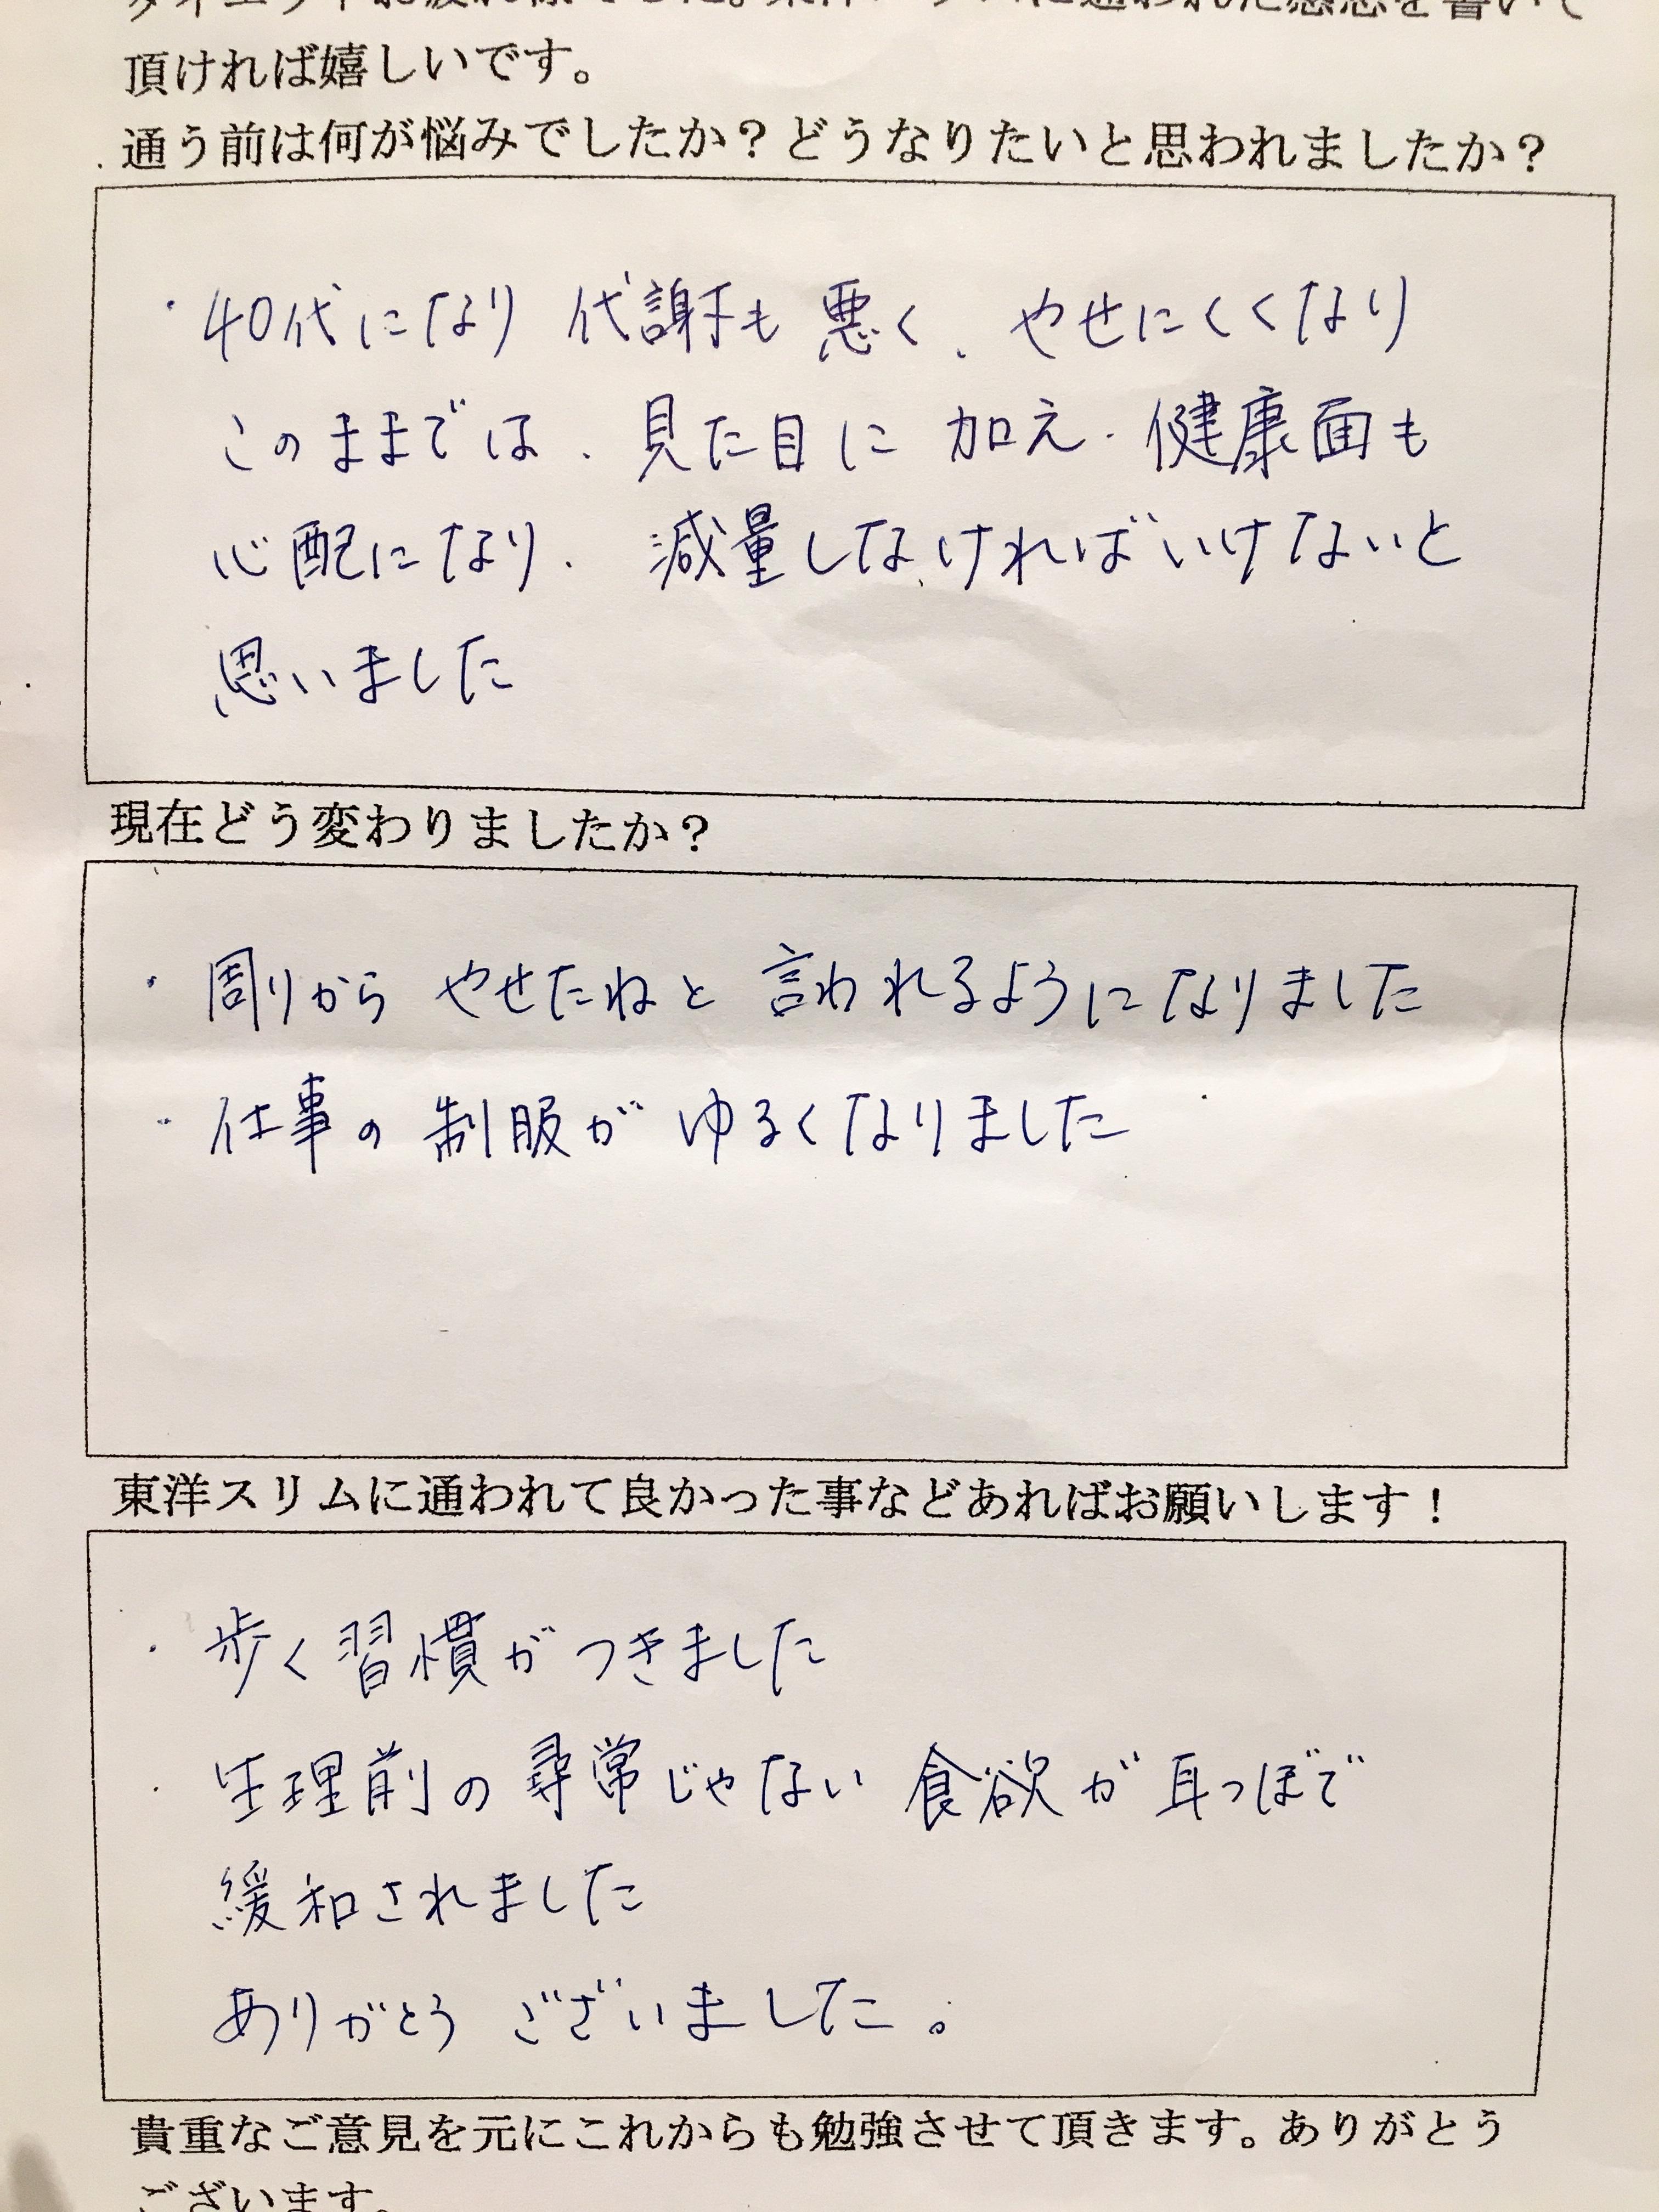 [皆様の声]大阪府堺市Rさん(40代女性)耳つぼダイエット7kg成功。生理前の尋常じゃない食欲が耳つぼで緩和されました。